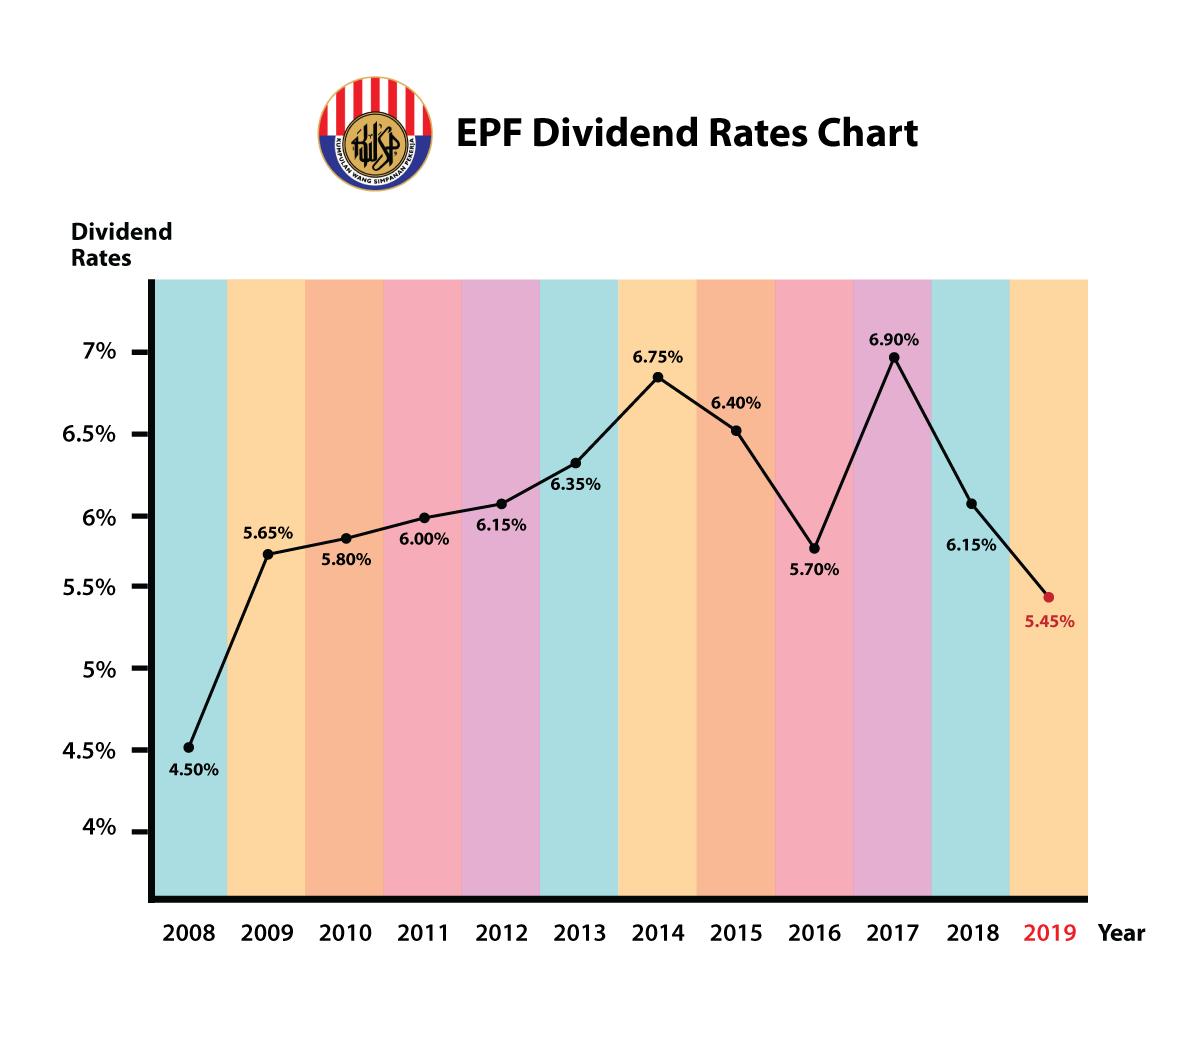 epf dividend chart 2019